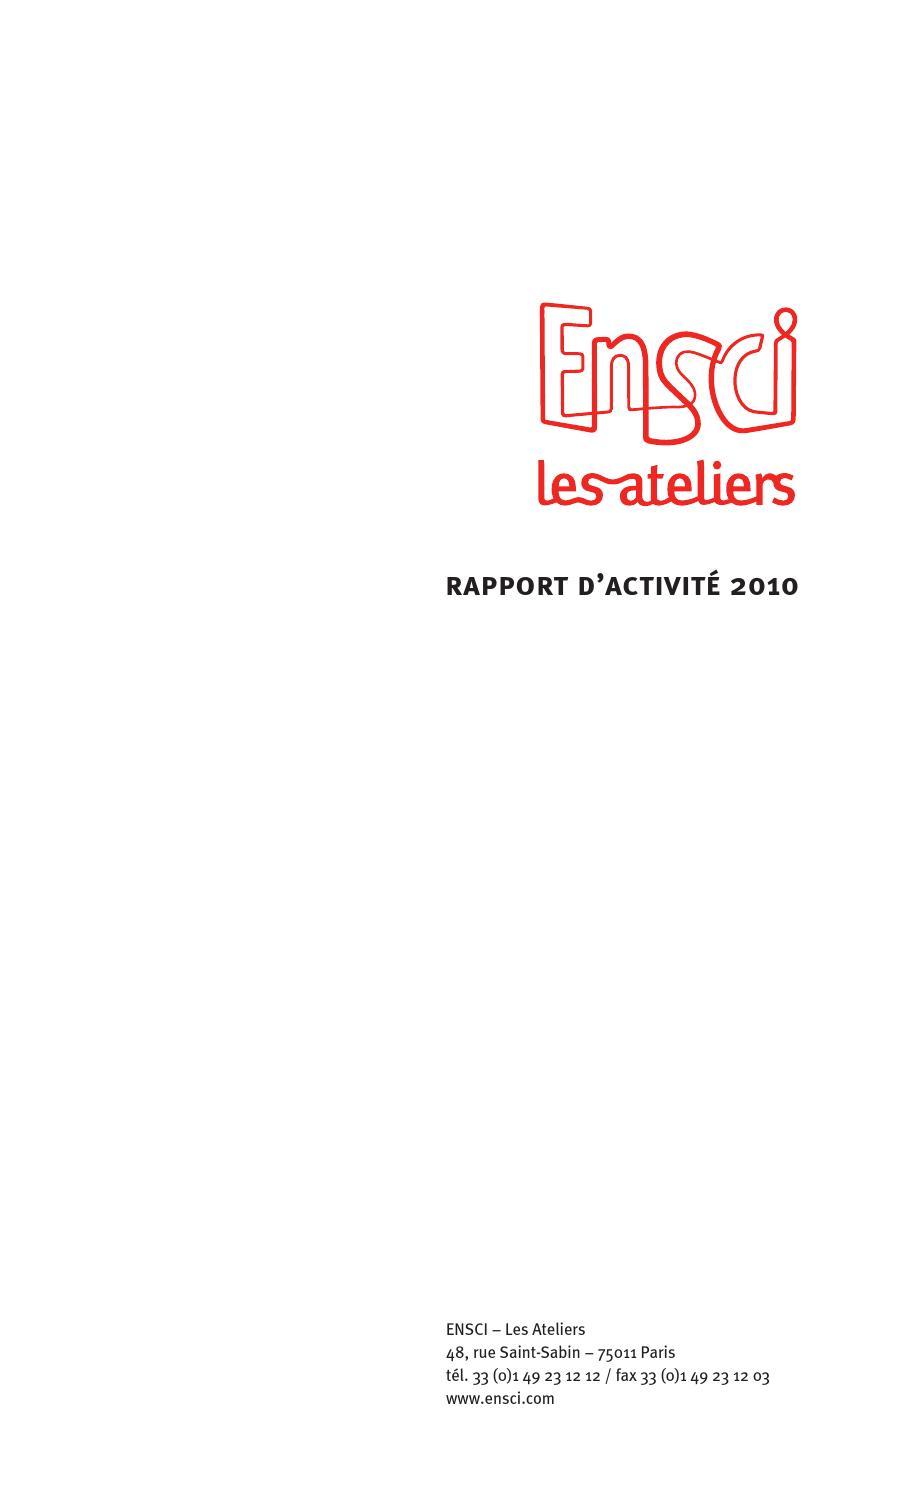 Rapport d'activité 2010 de l'ENSCI-Les Ateliers by ENSCI-Les